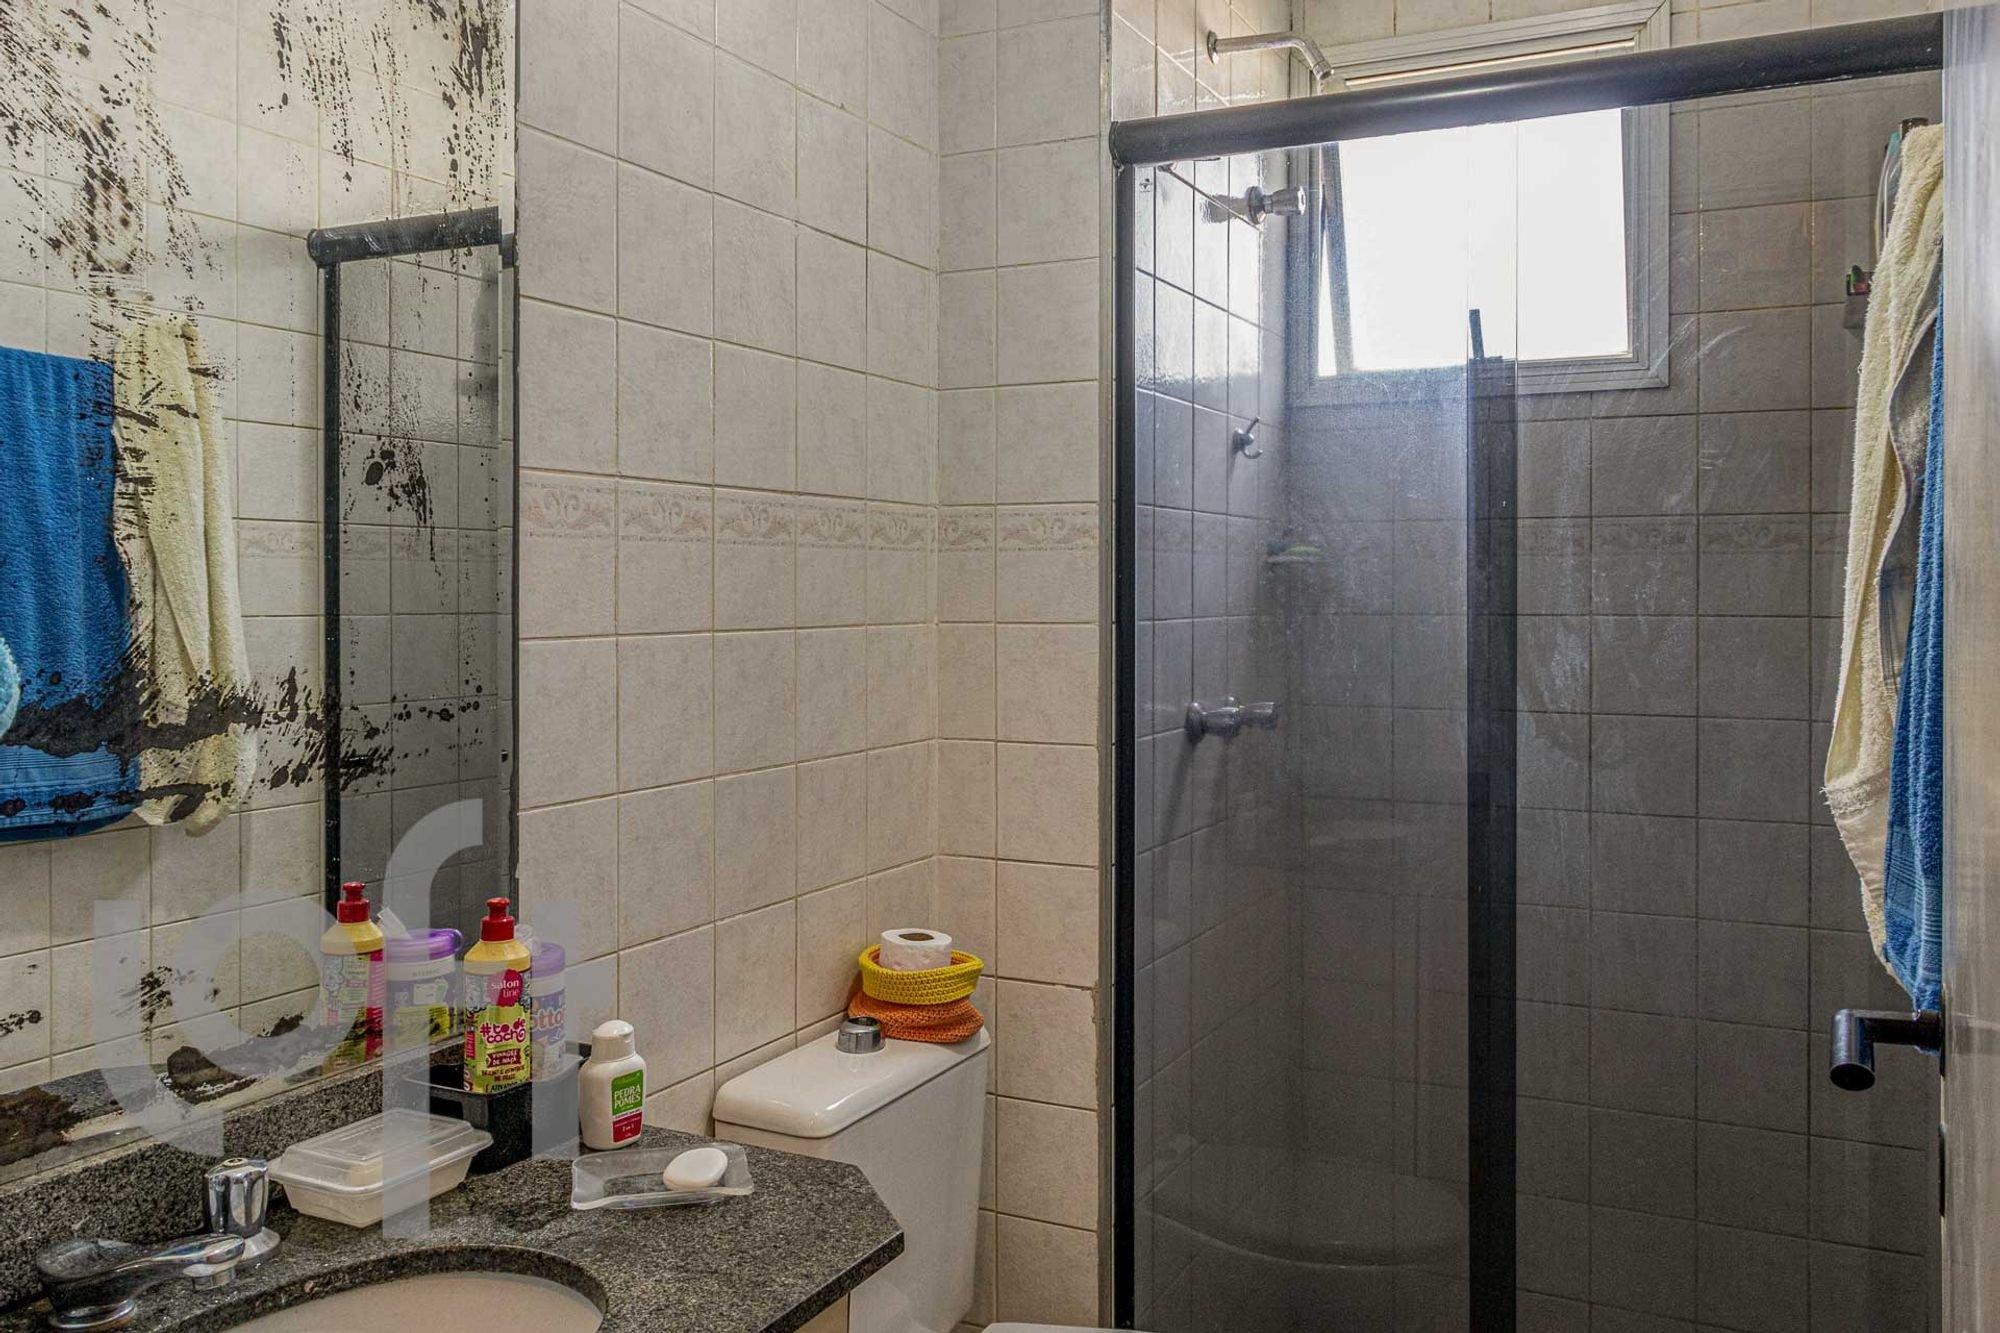 Foto de Banheiro com pia, garrafa, xícara